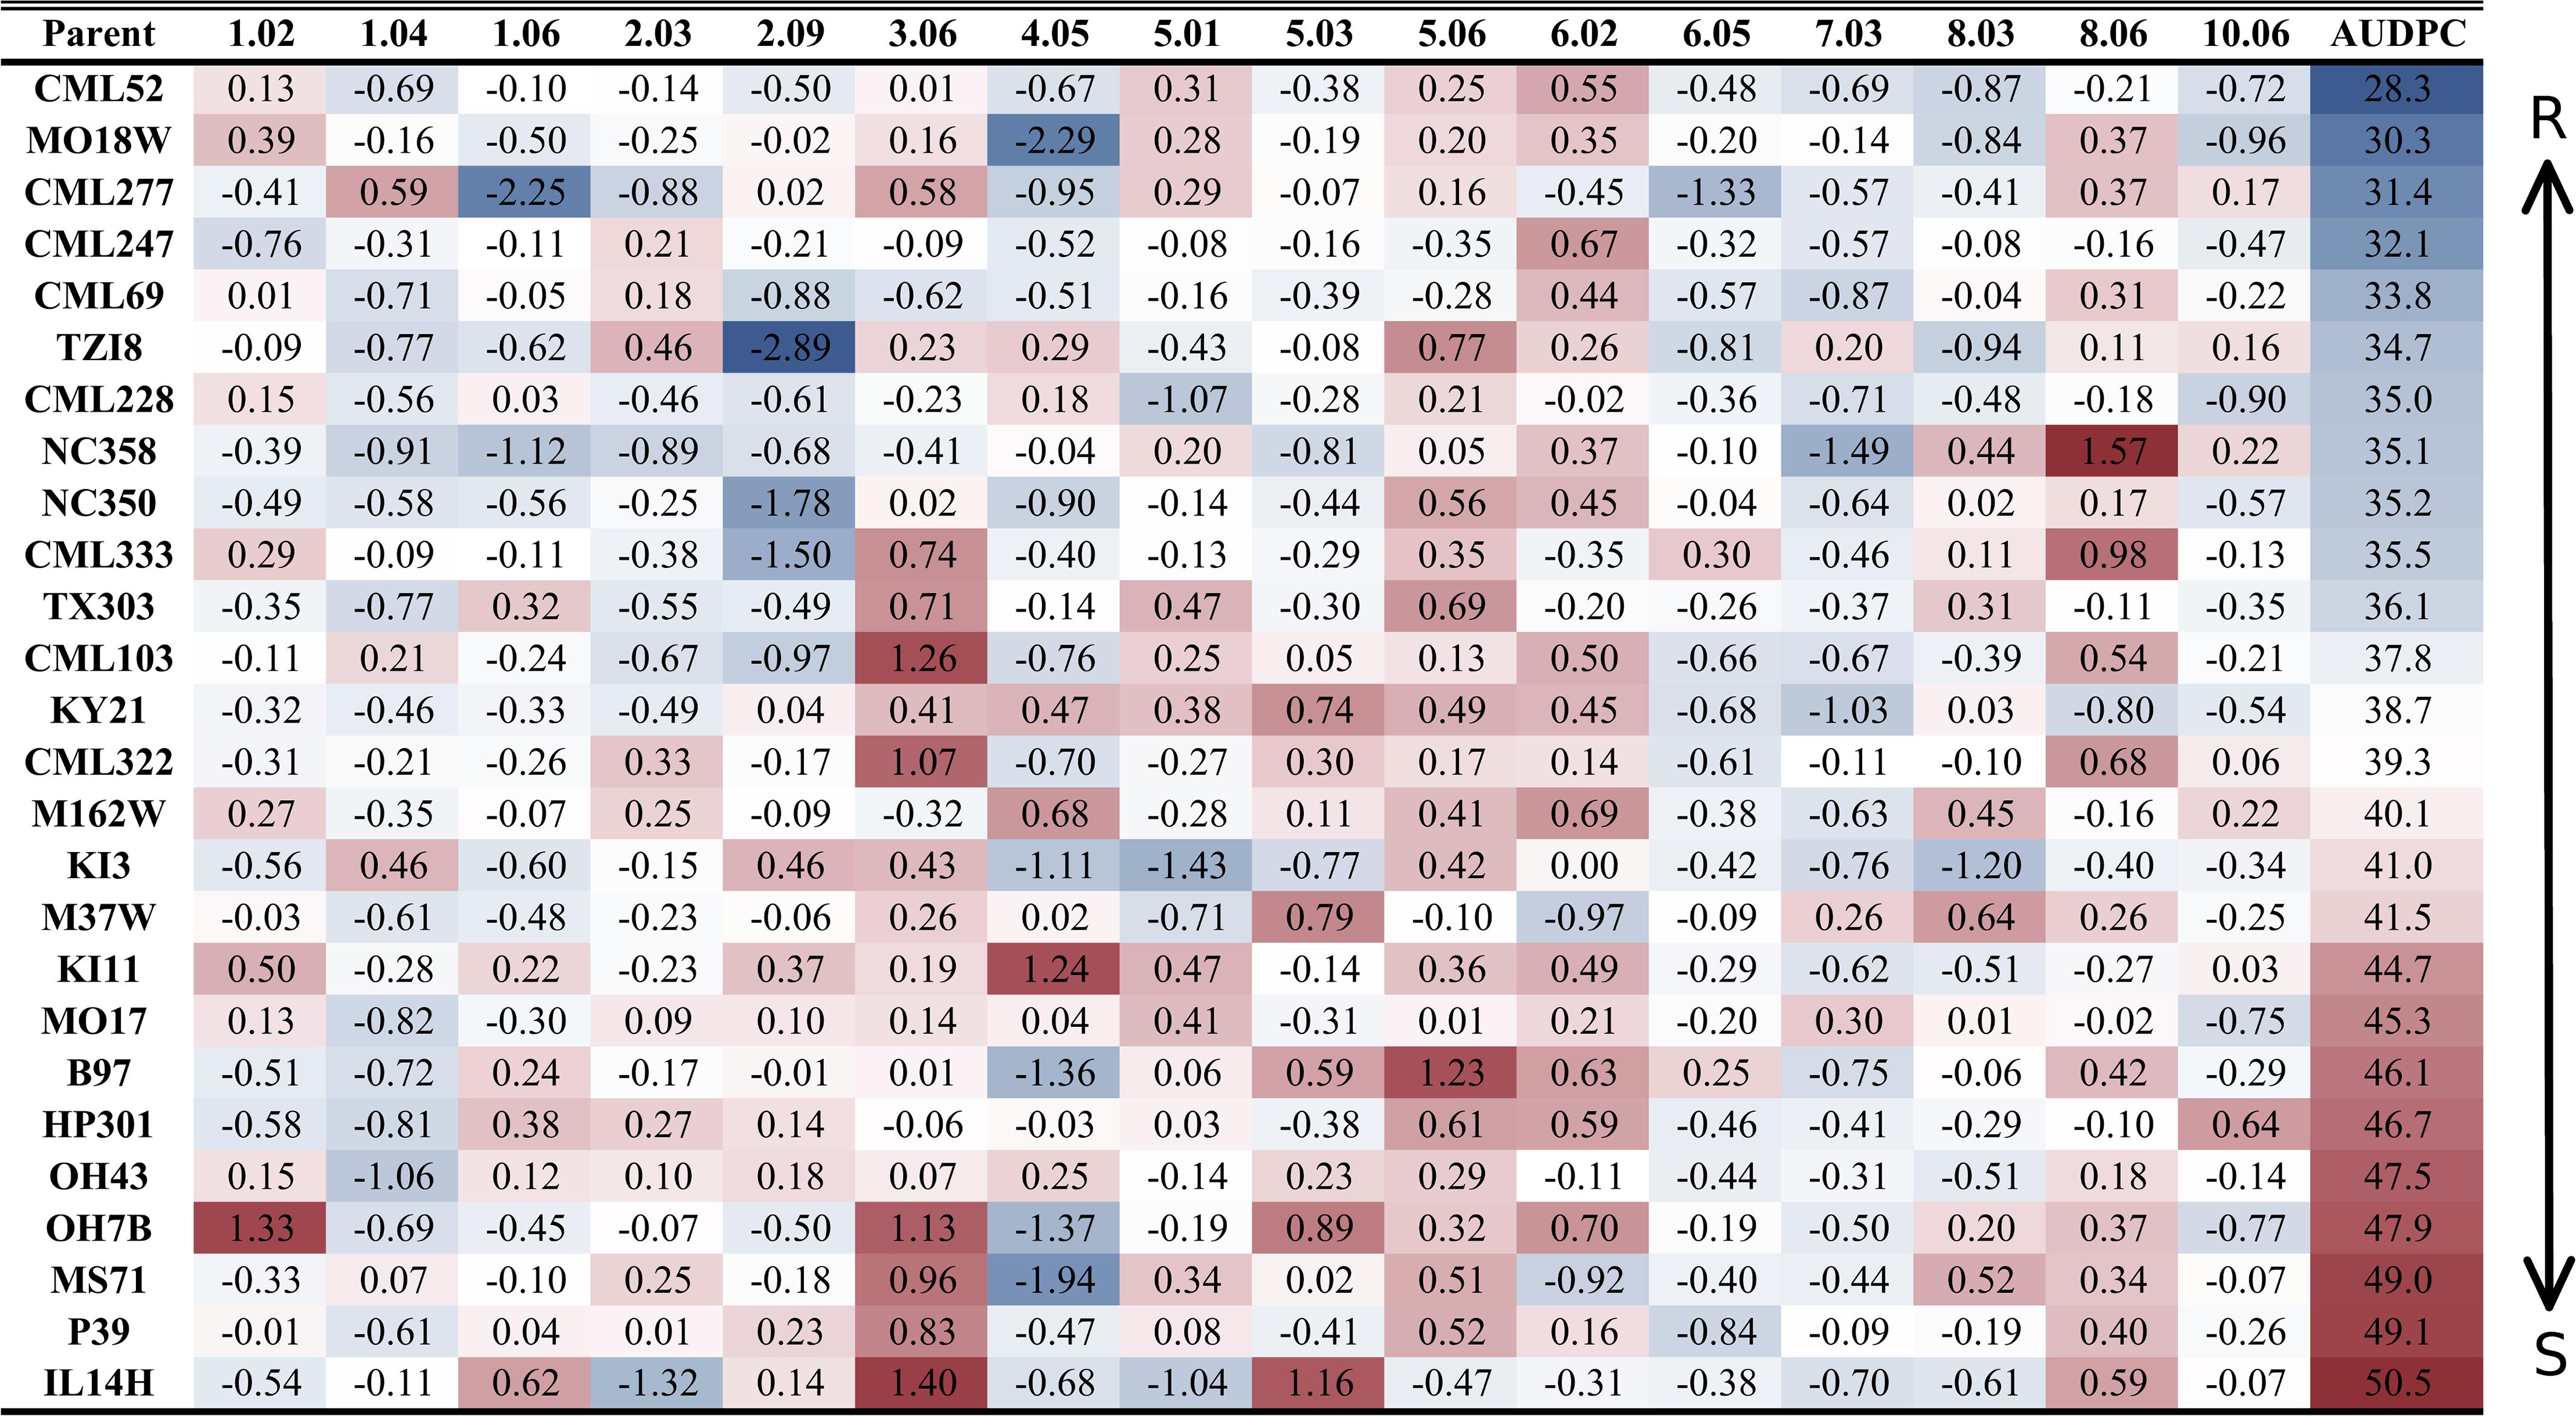 Parental allelic effects at quantitative trait loci.